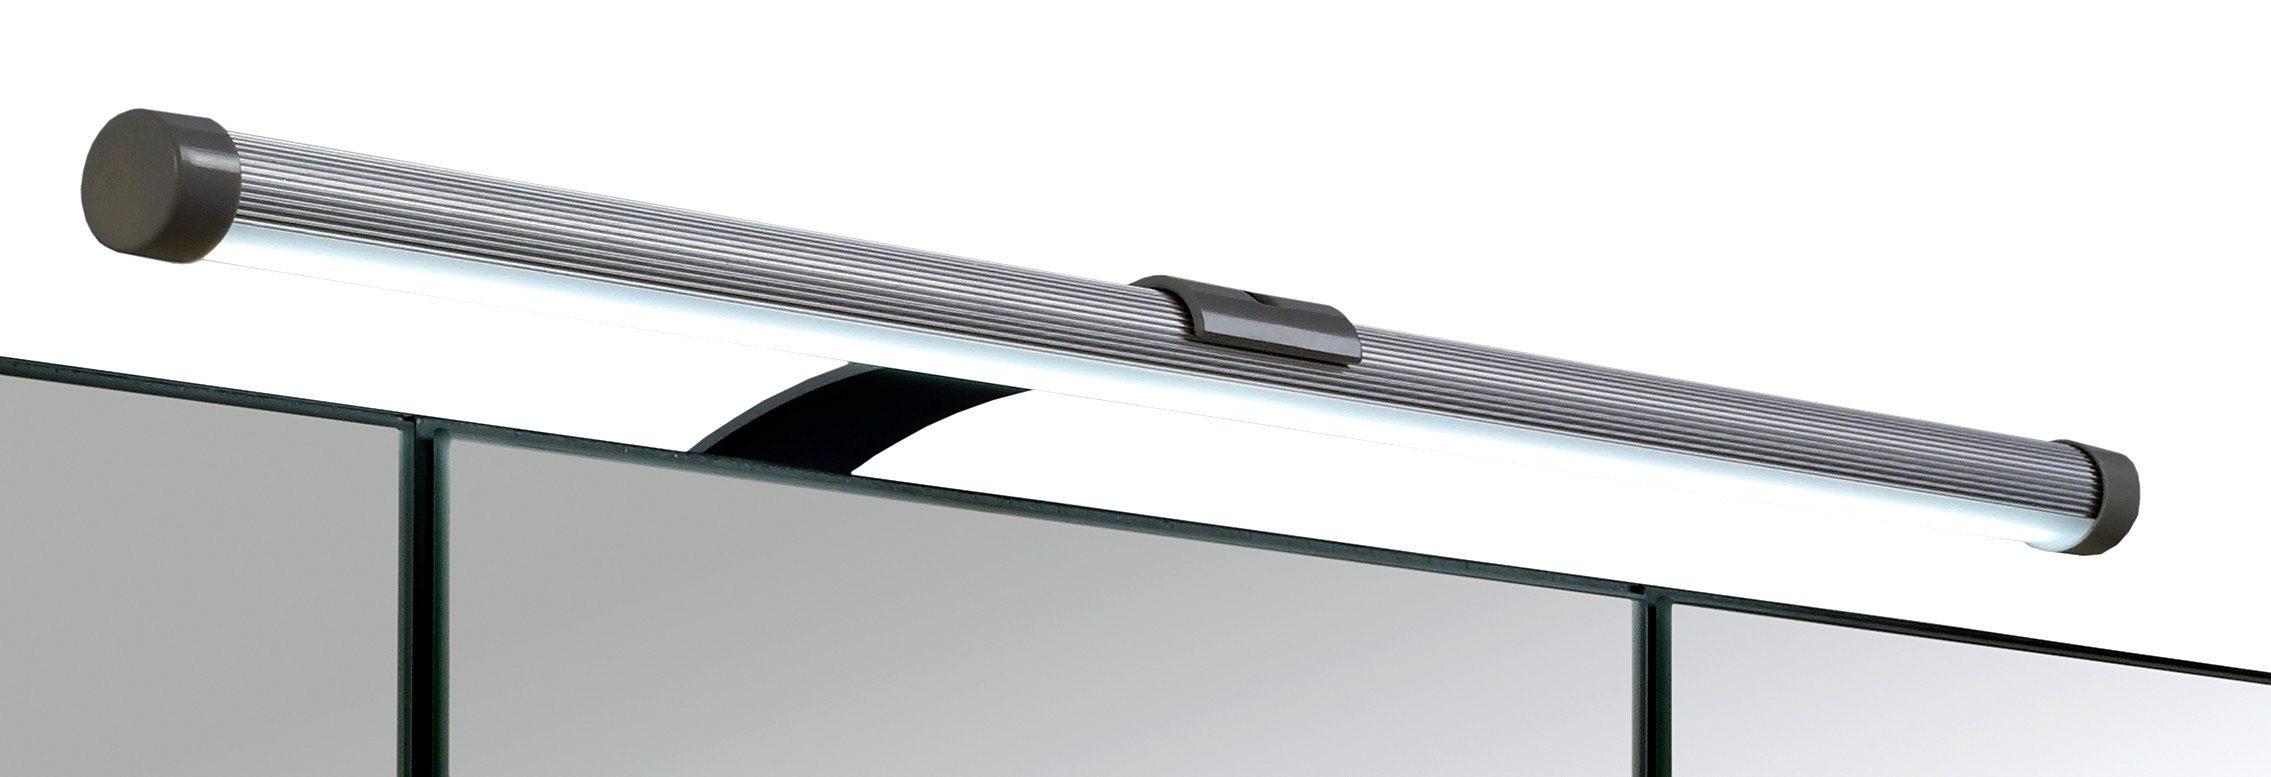 Held Möbel LED-Aufbauleuchte »Savona«